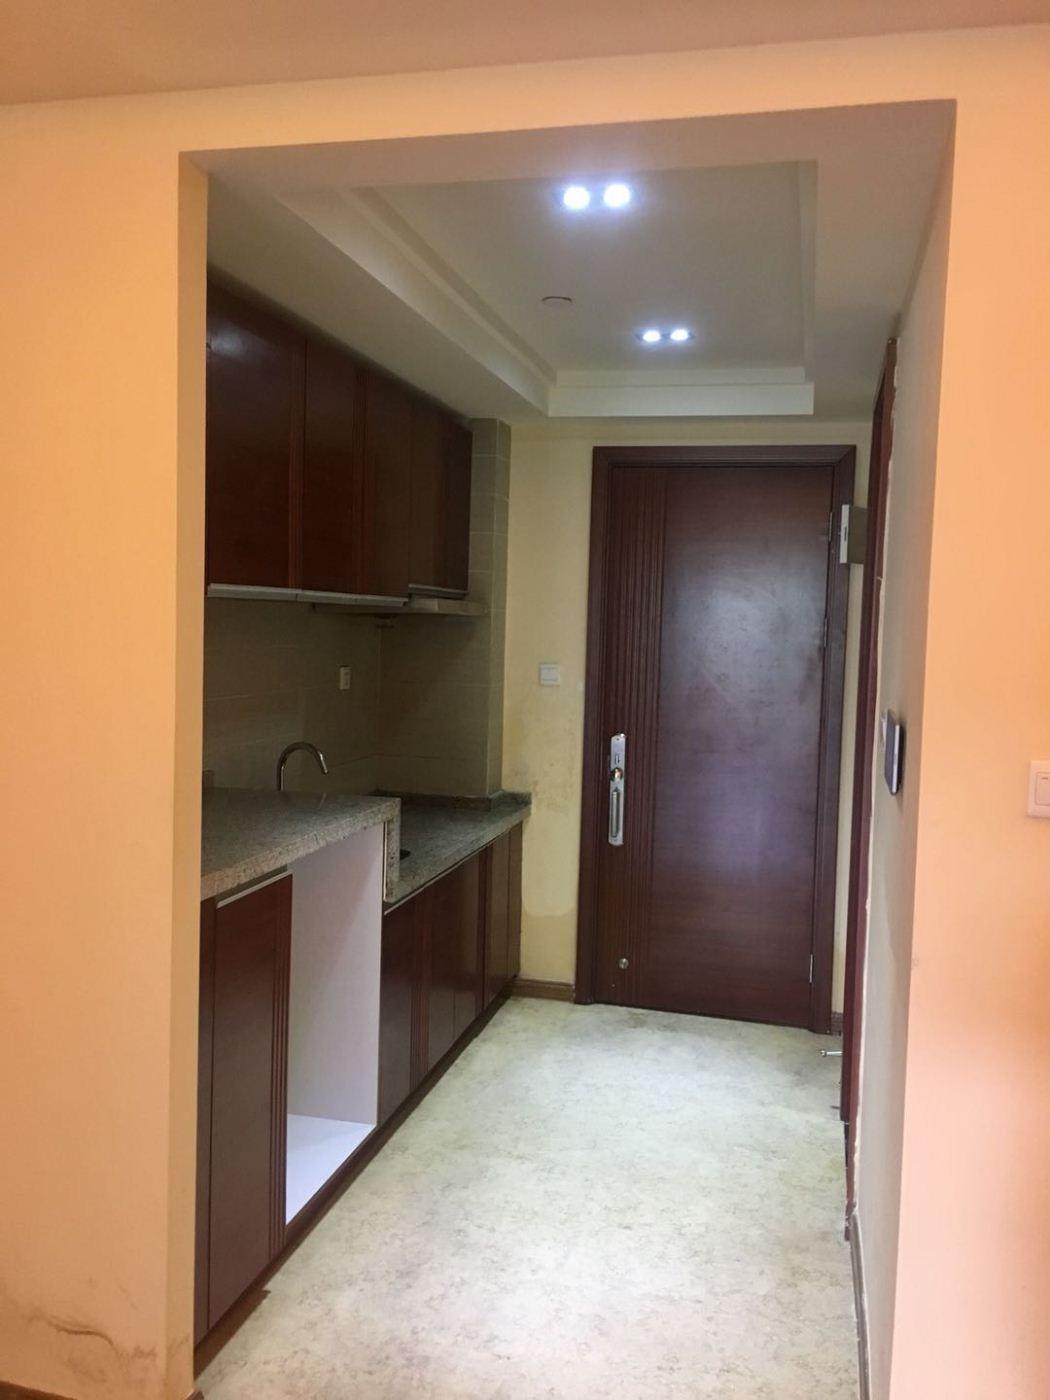 碧桂园十里银滩 35万 1室1厅1卫 精装修低价出售,房